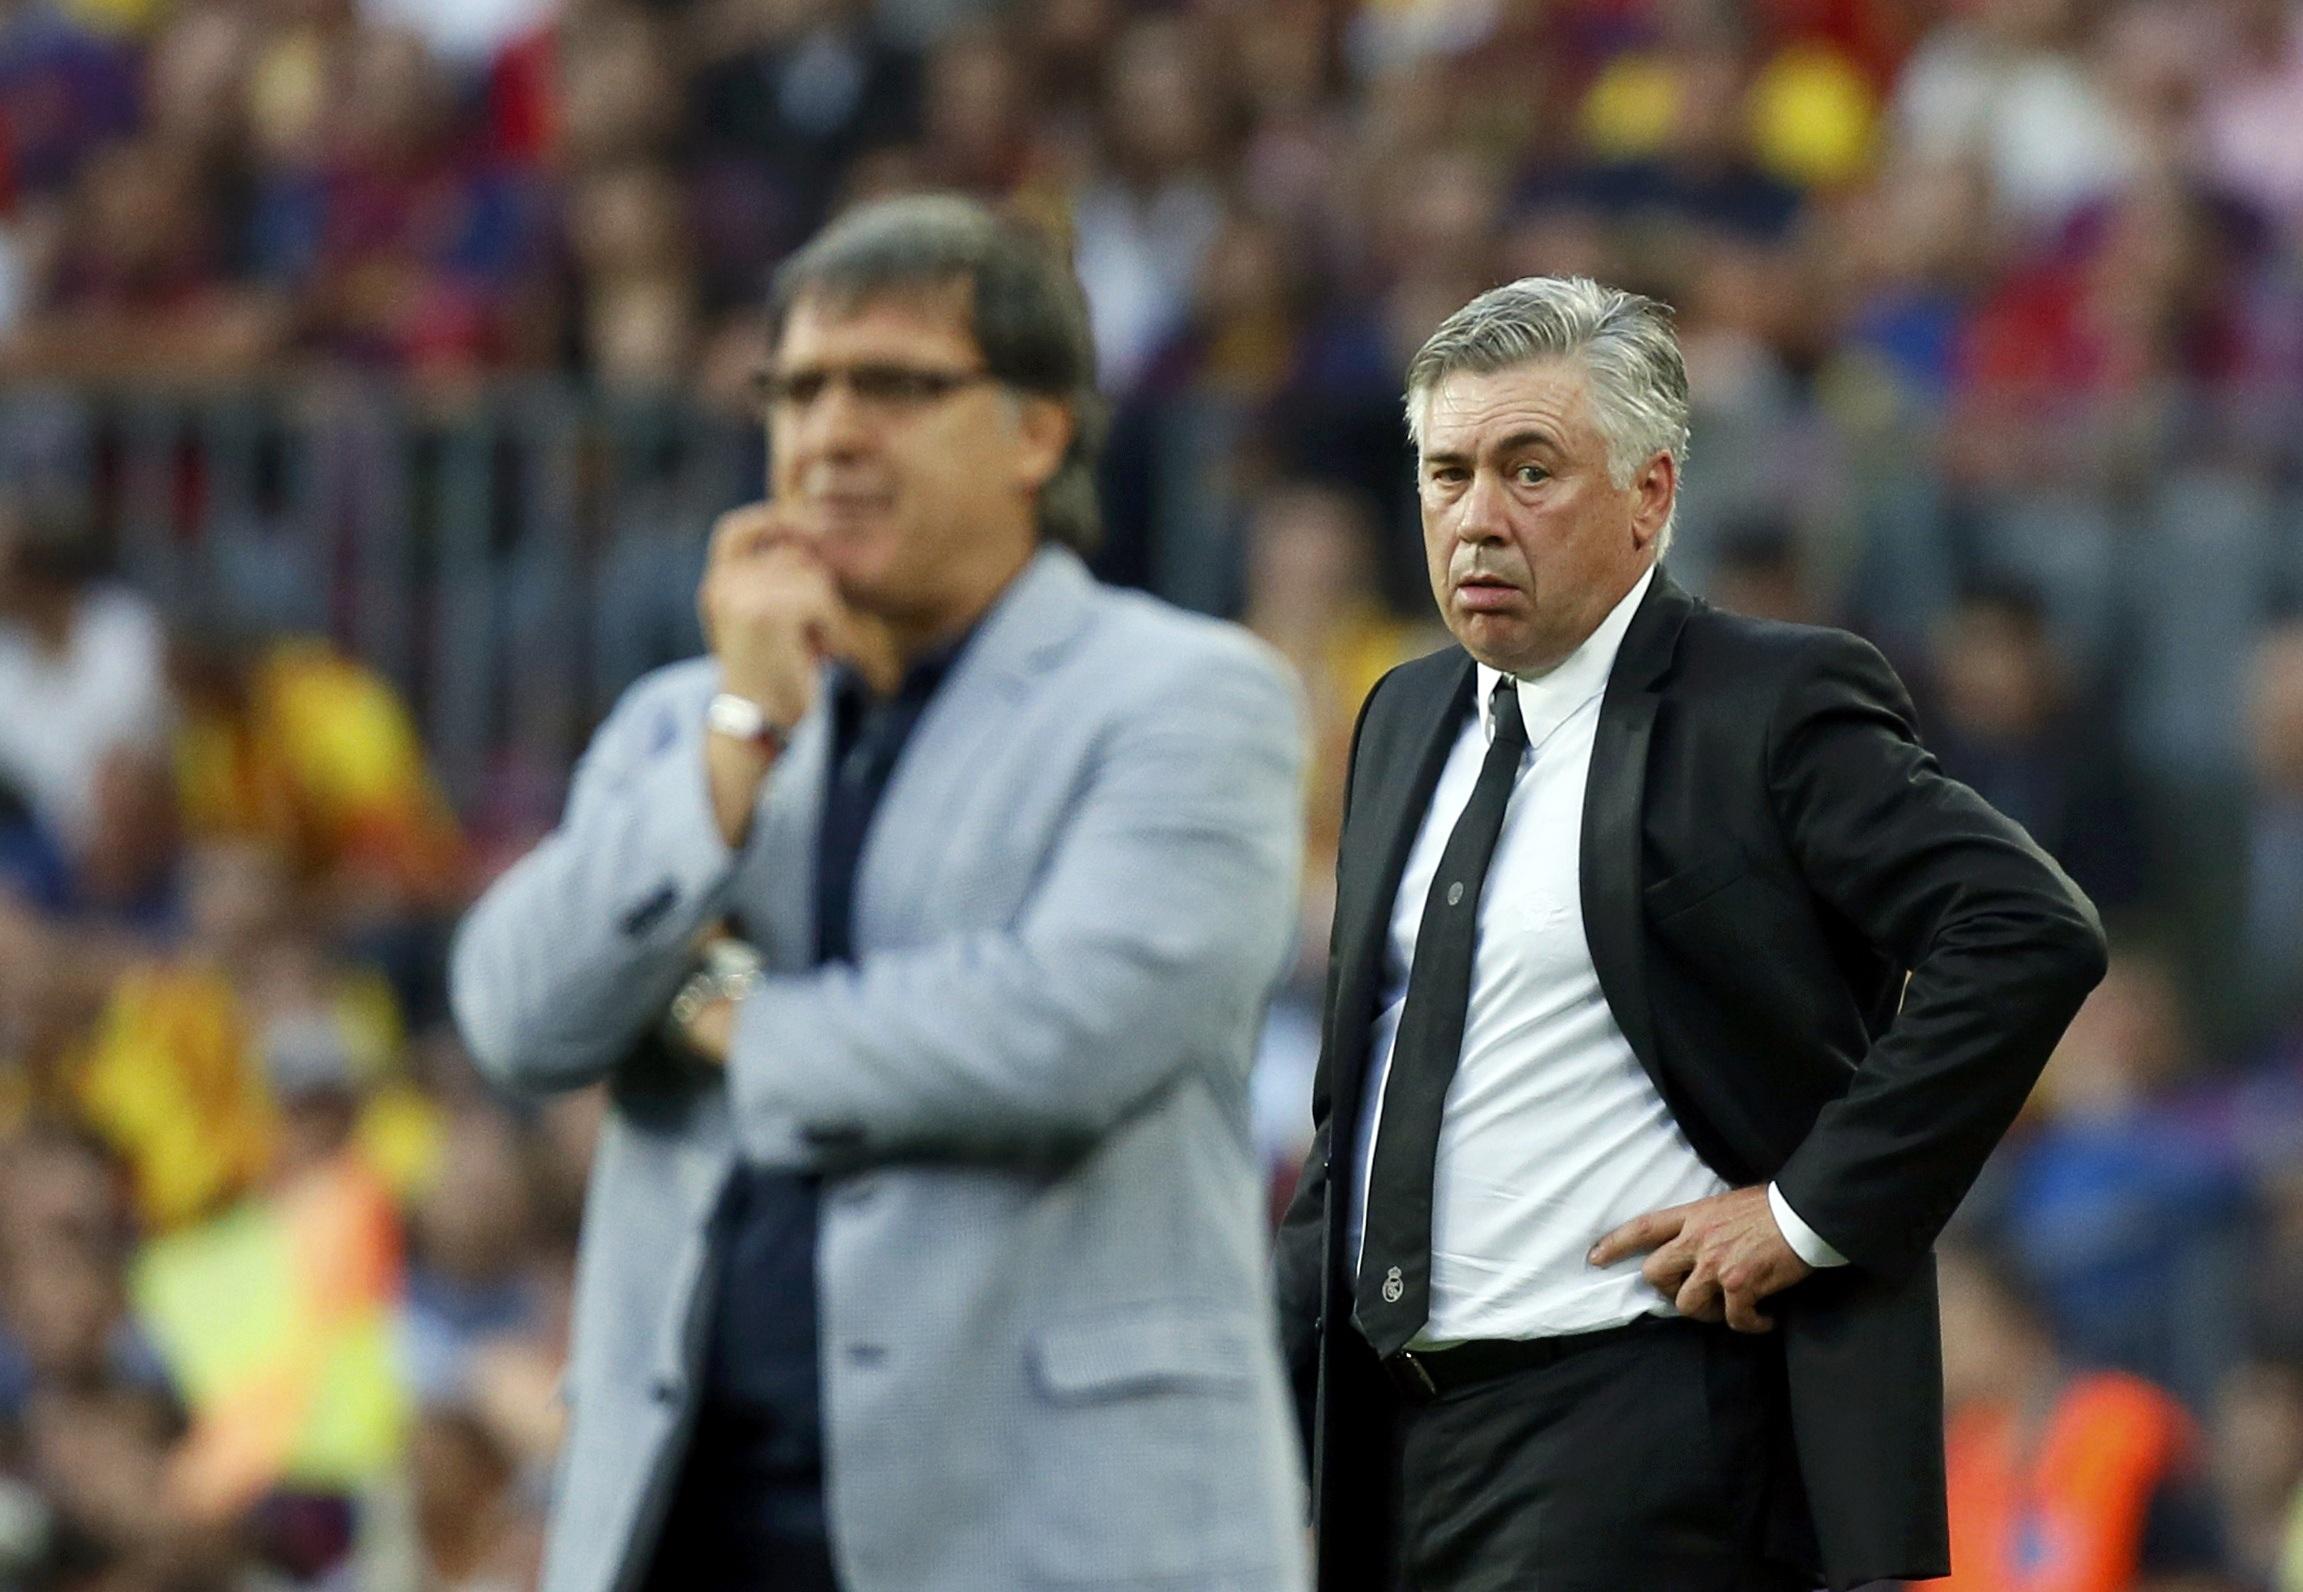 Úgy tűnik, a Bayern kirúgta Ancelottit